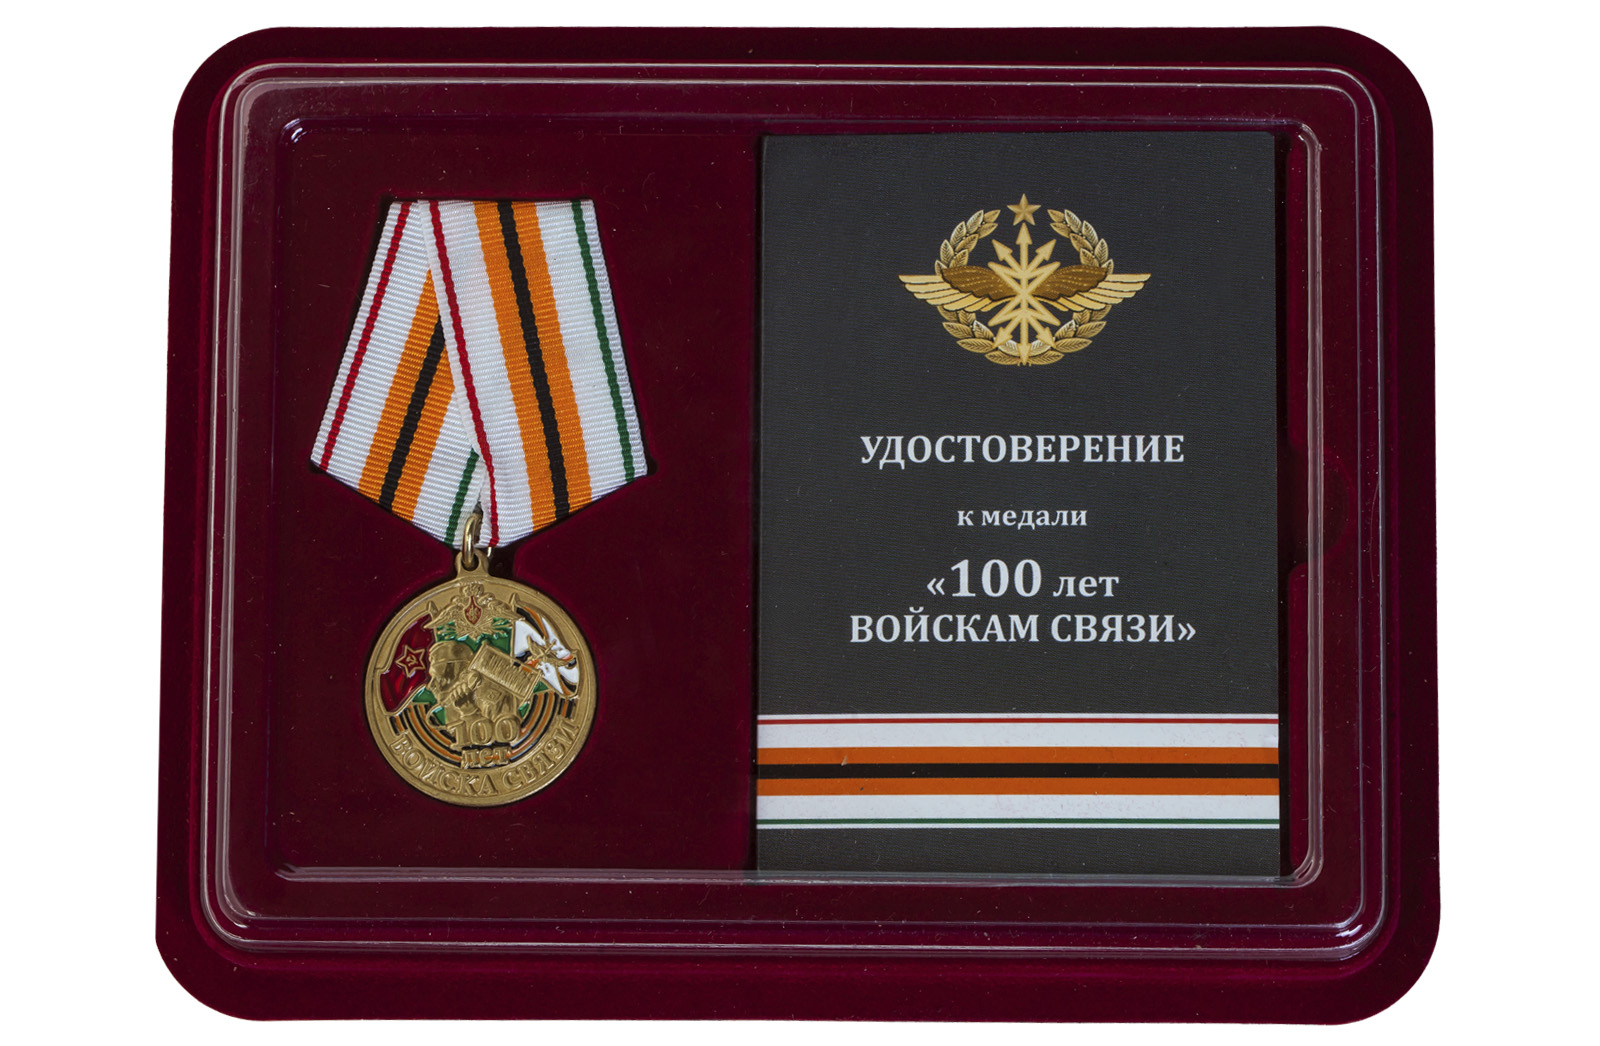 Юбилейная медаль 100 лет Войскам связи в футляре с удостоверением